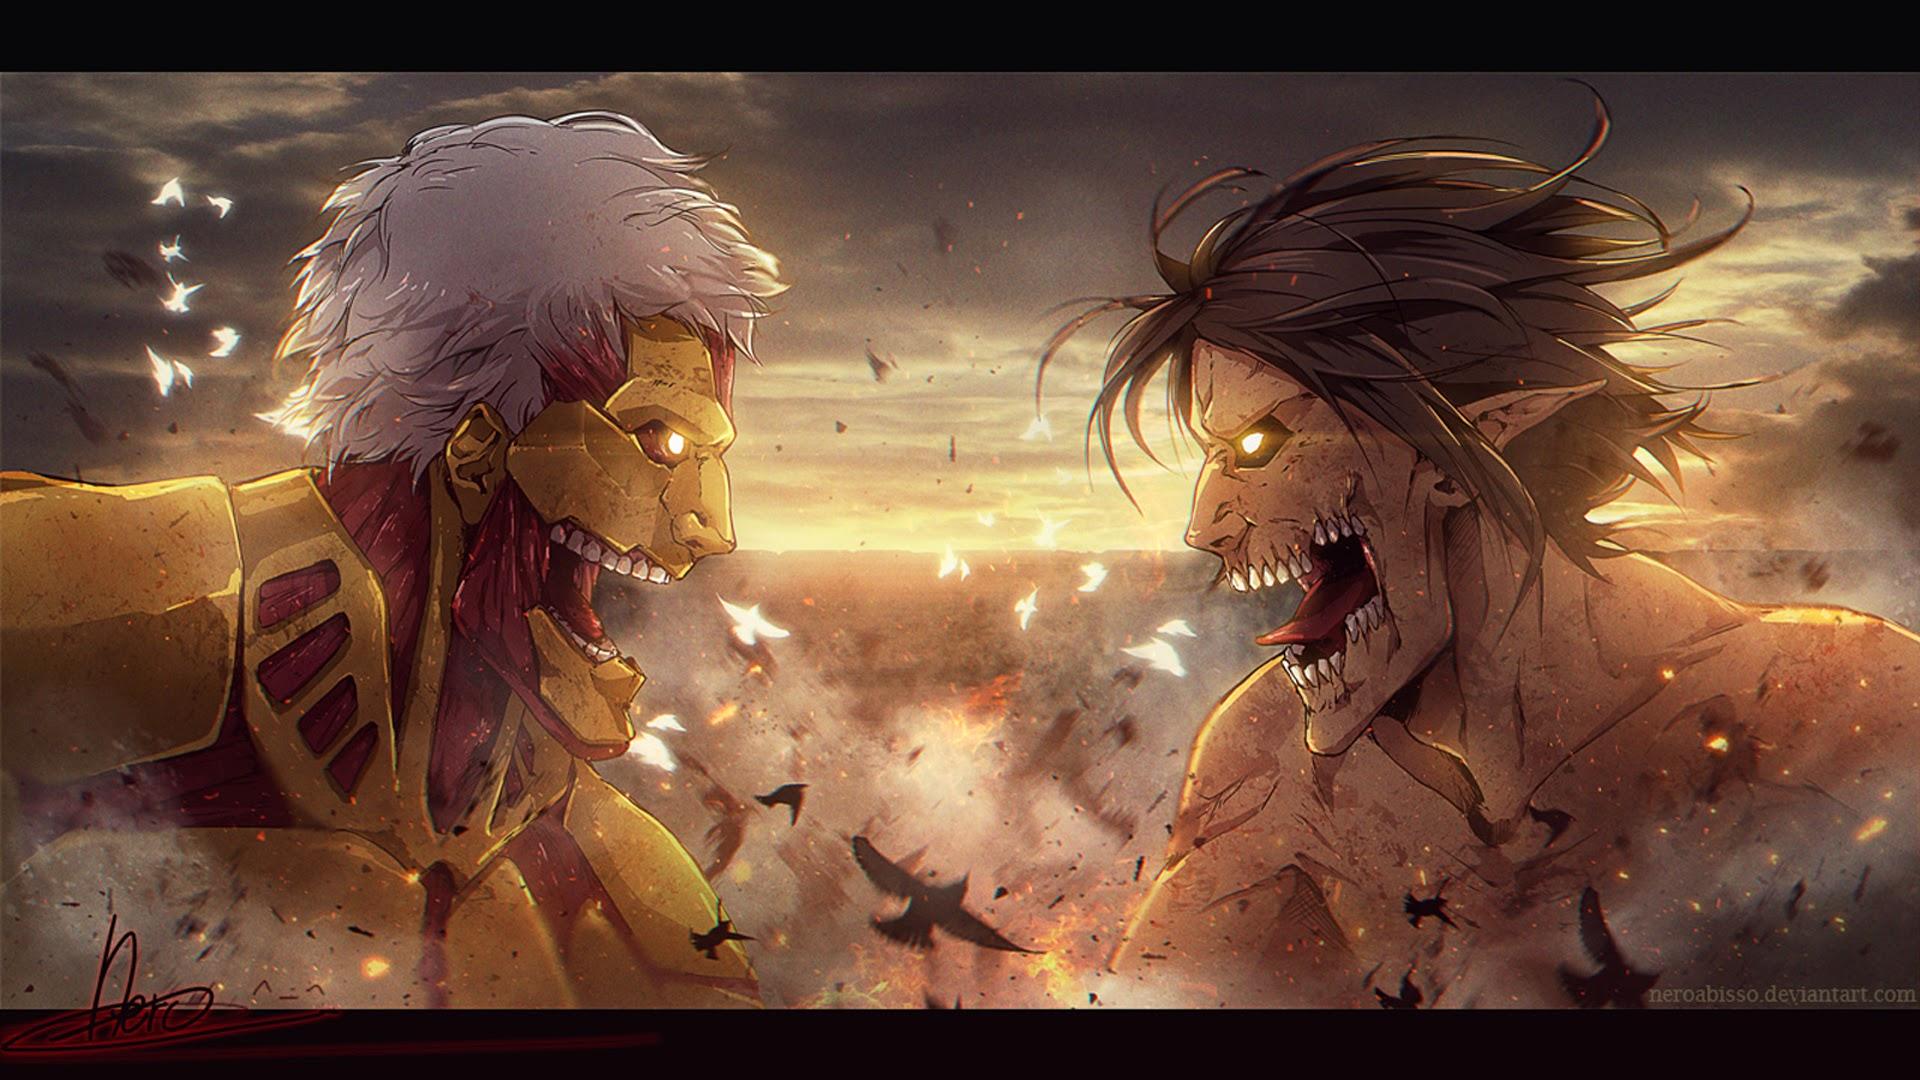 eren rogue titan vs armored titan attack on titan shingeki no kyojin 1920x1080